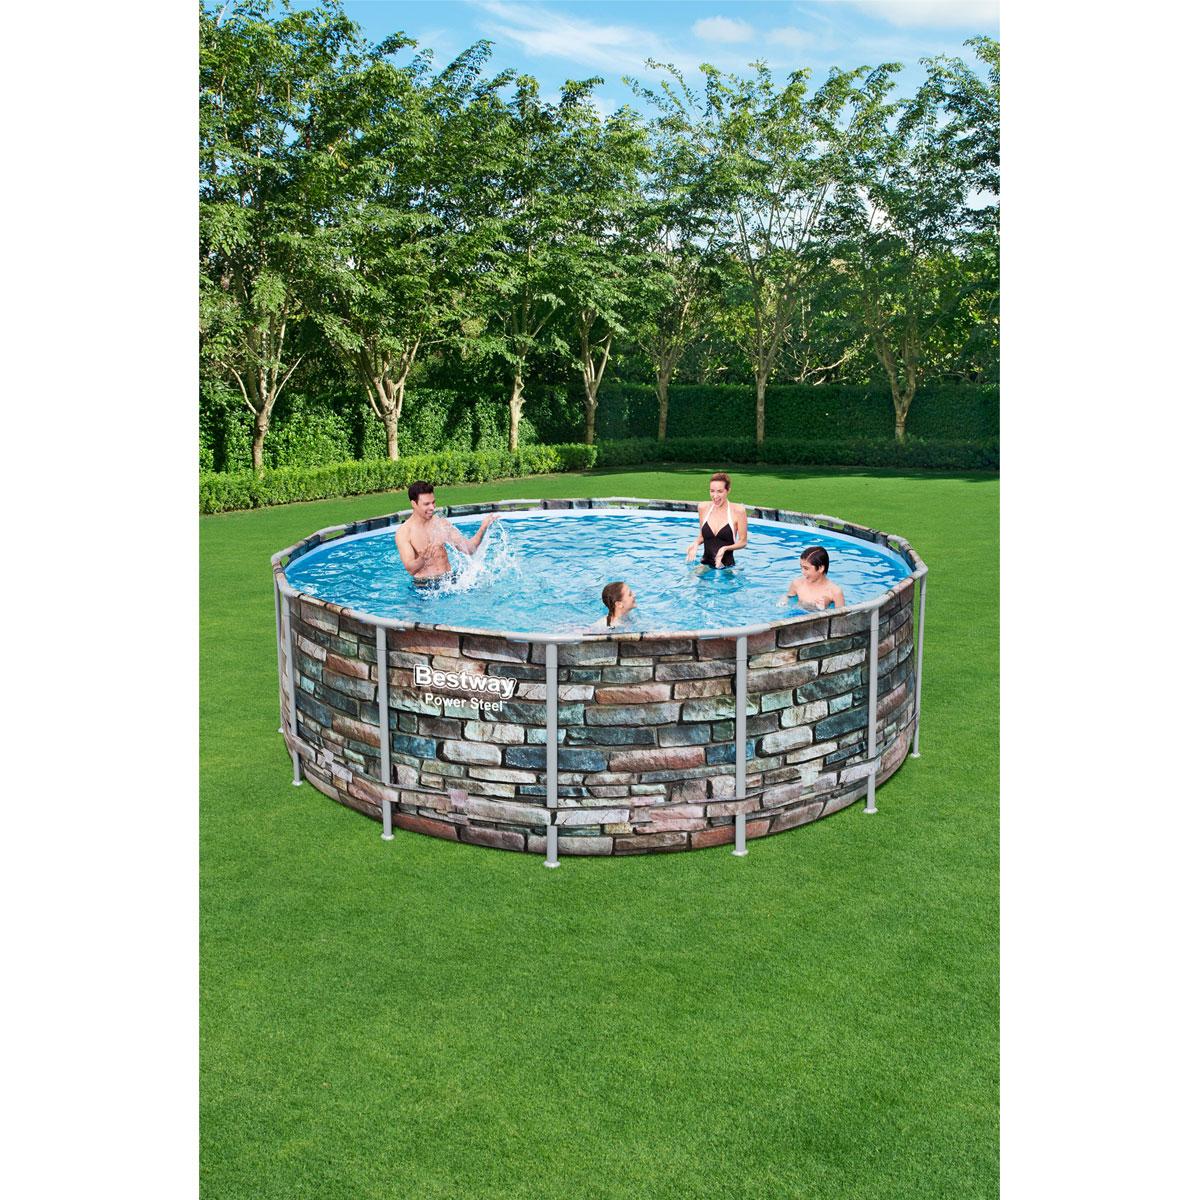 Full Size of Pool Kaufen Bestway Set Power Steel 427x122 Cm Mehrfarbig Bei Swimmingpool Garten Regal Im Bauen Küche Günstig Gebrauchte Fenster Bett Velux Mit Wohnzimmer Pool Kaufen